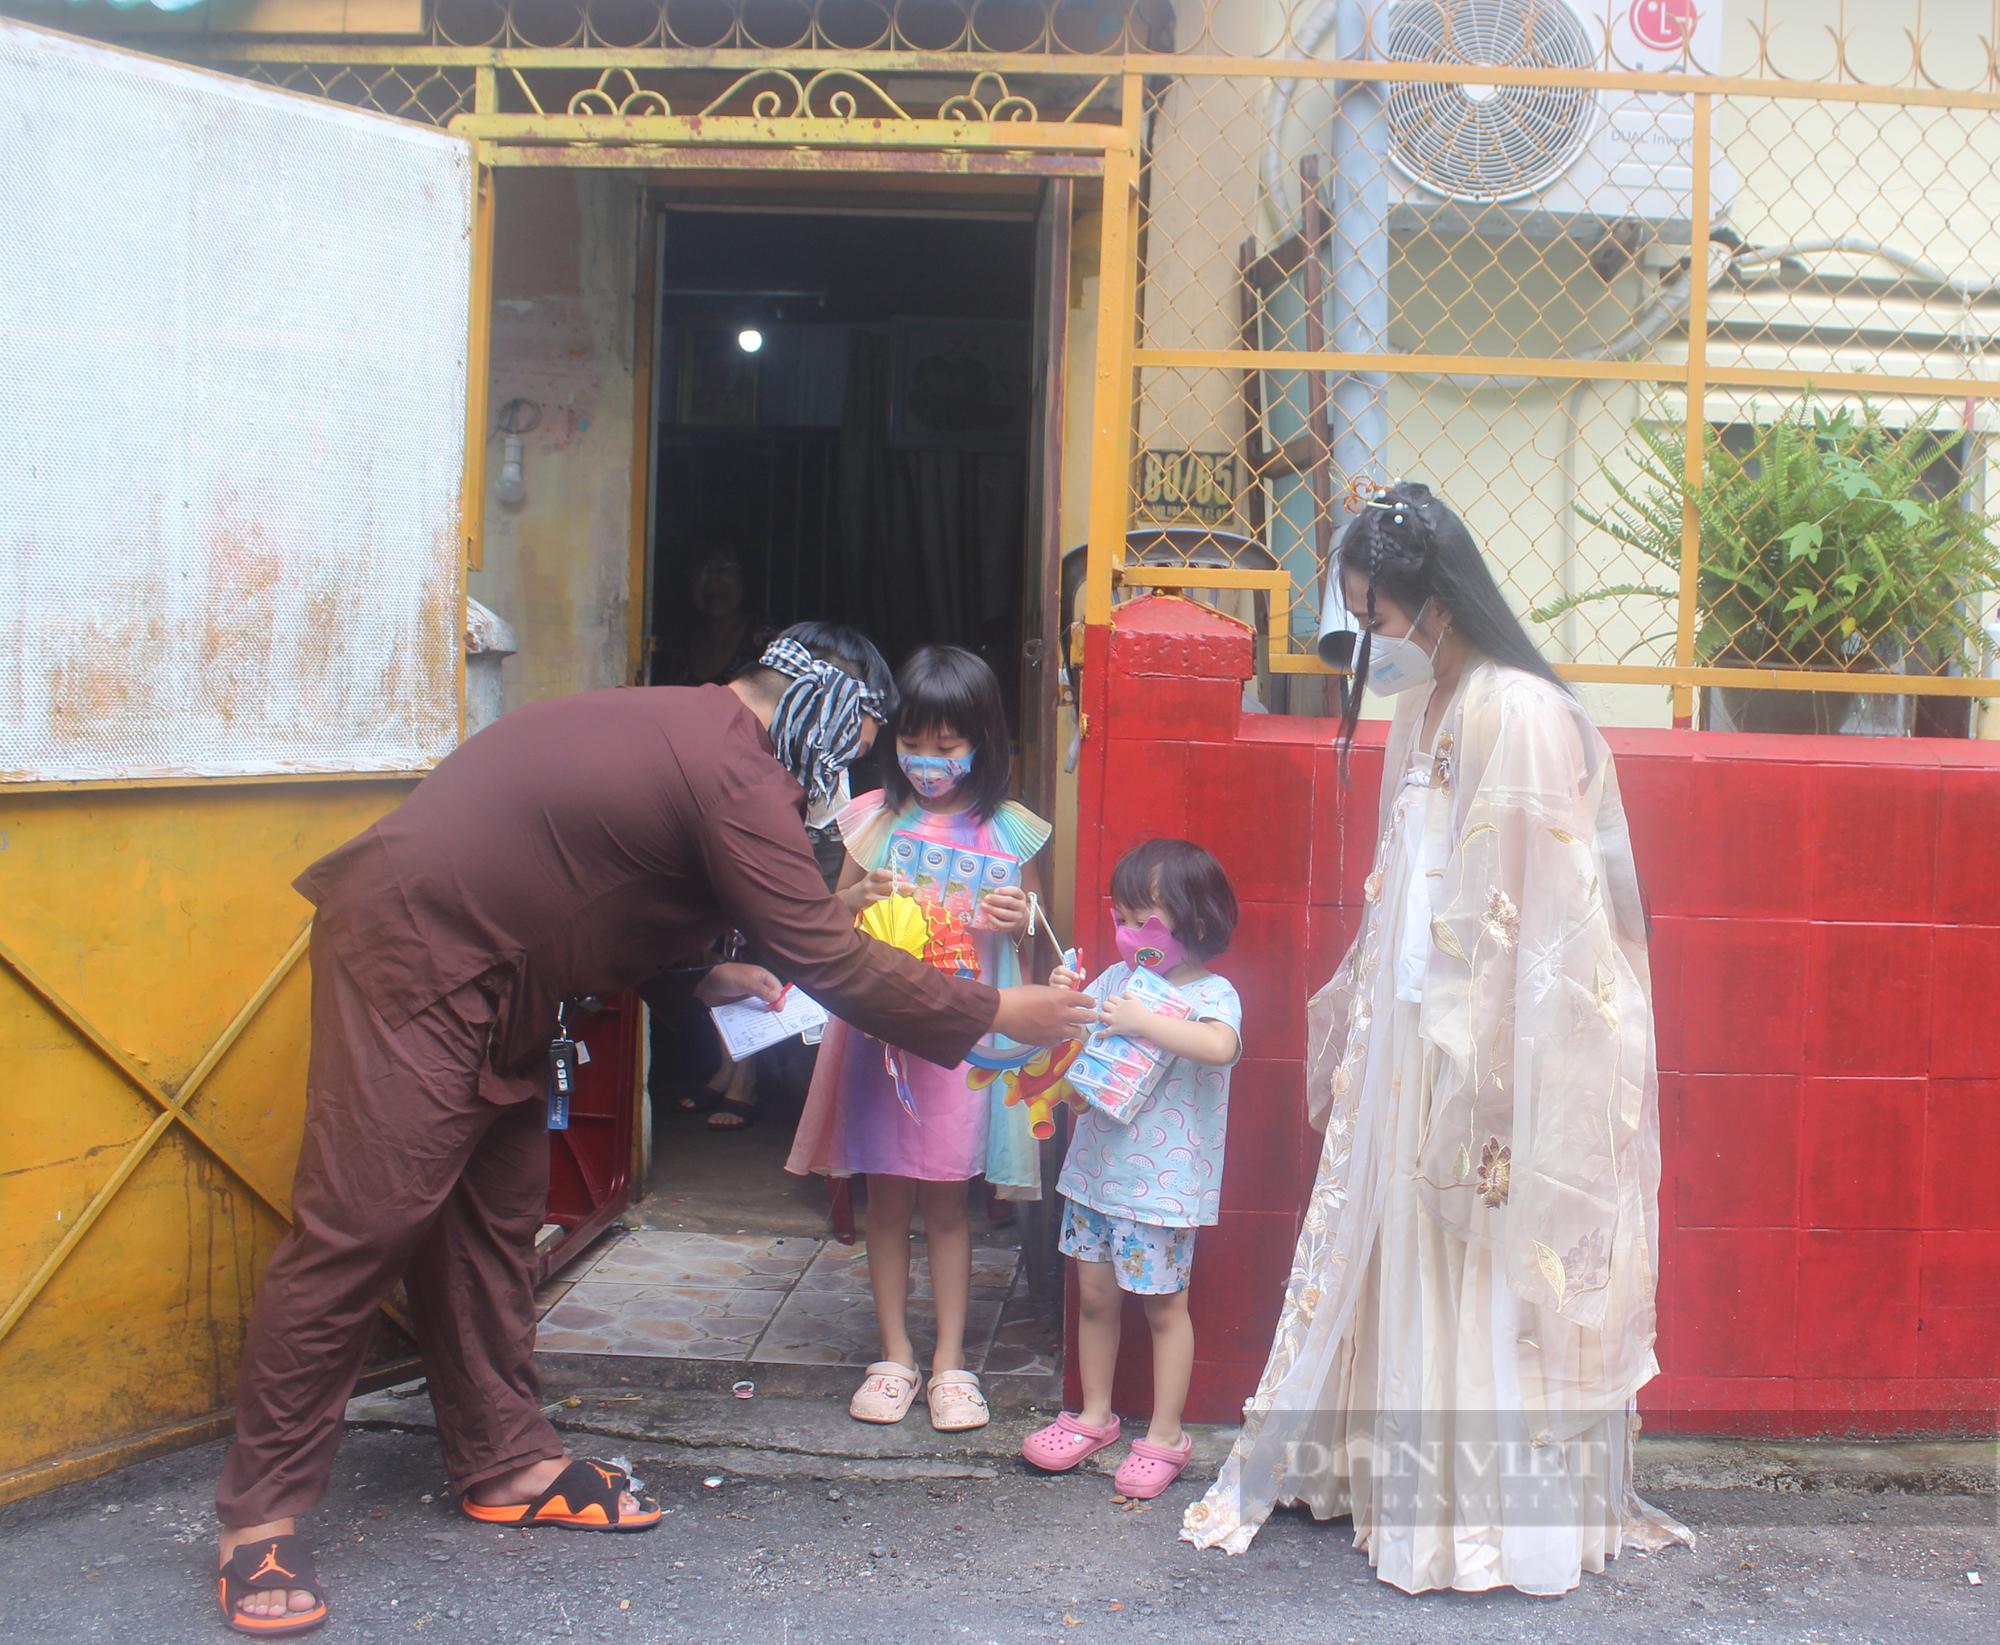 Bắt gặp chị Hằng, chú Cuội đội mưa đi tặng quà trung thu cho trẻ nhỏ - Ảnh 4.